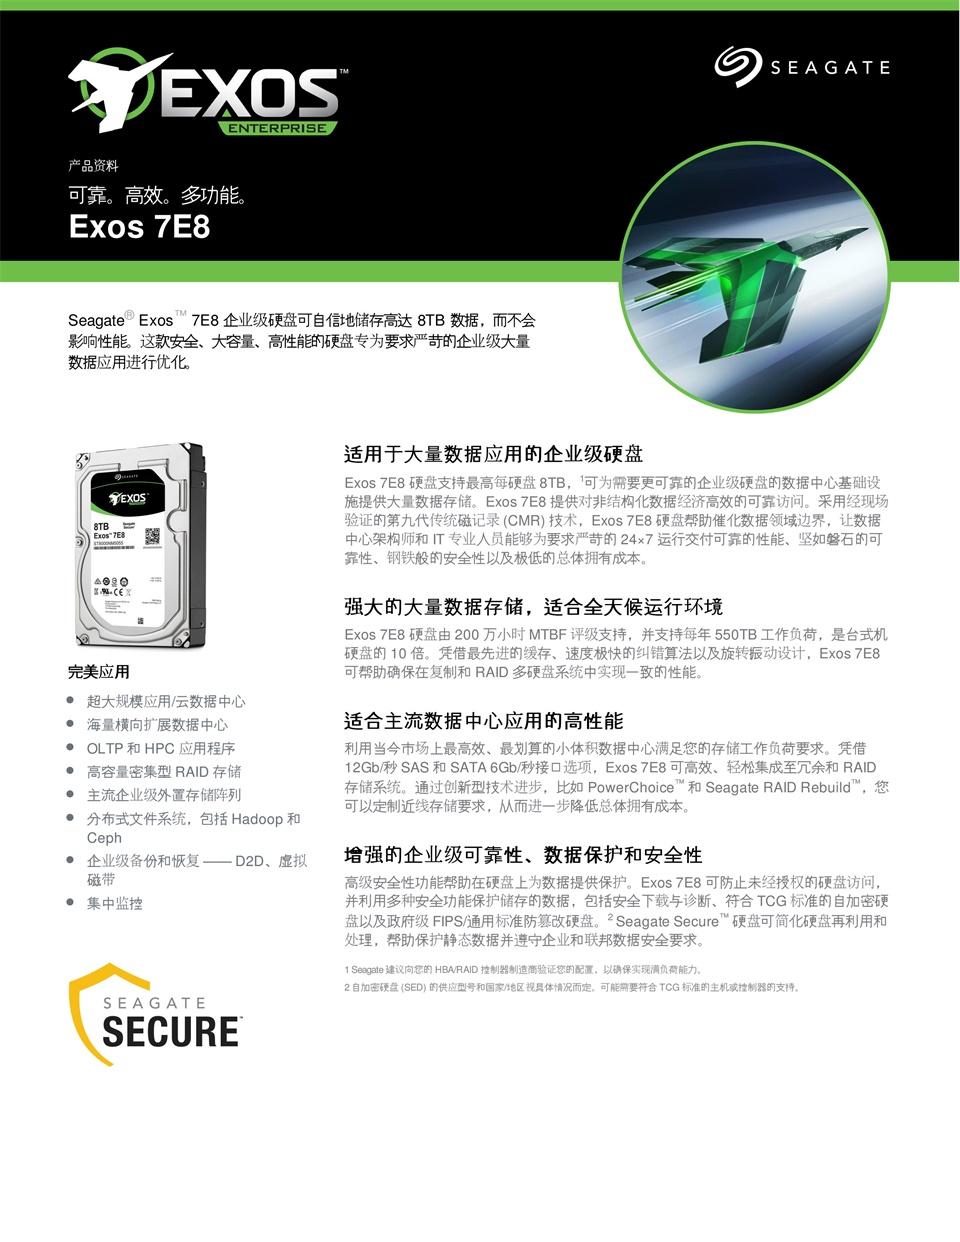 希捷 Exos 7E8 系列 6TB 7200转 256mb 512e SAS 企业级硬盘(ST6000NM0095)